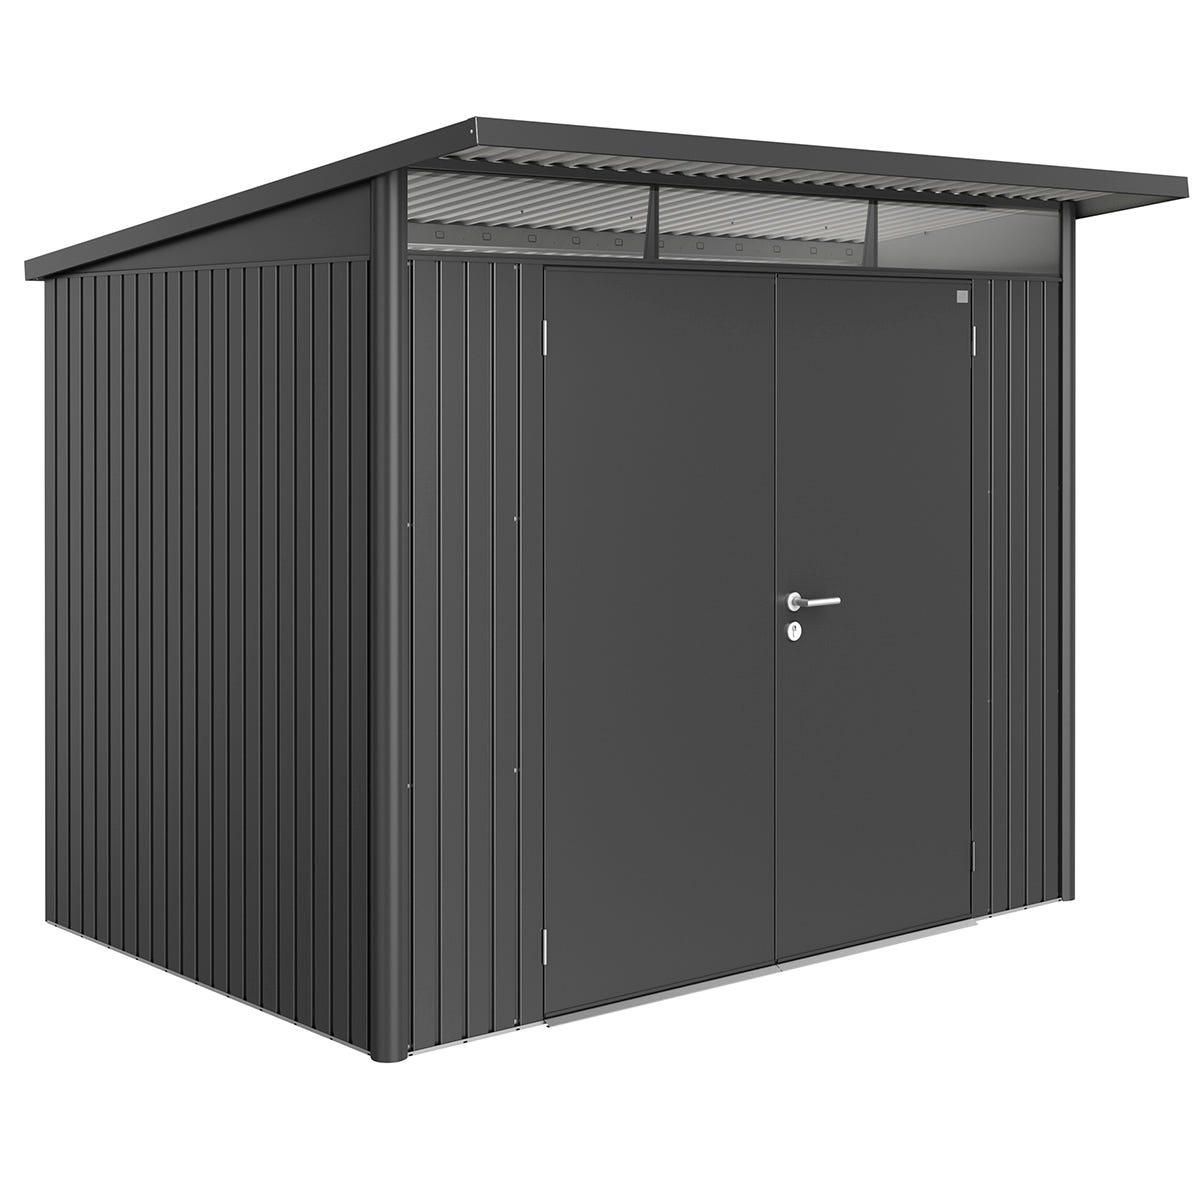 Biohort AvantGarde Metal Shed A5 Double door 8' 5'' x 7' 2'' - Dark Grey